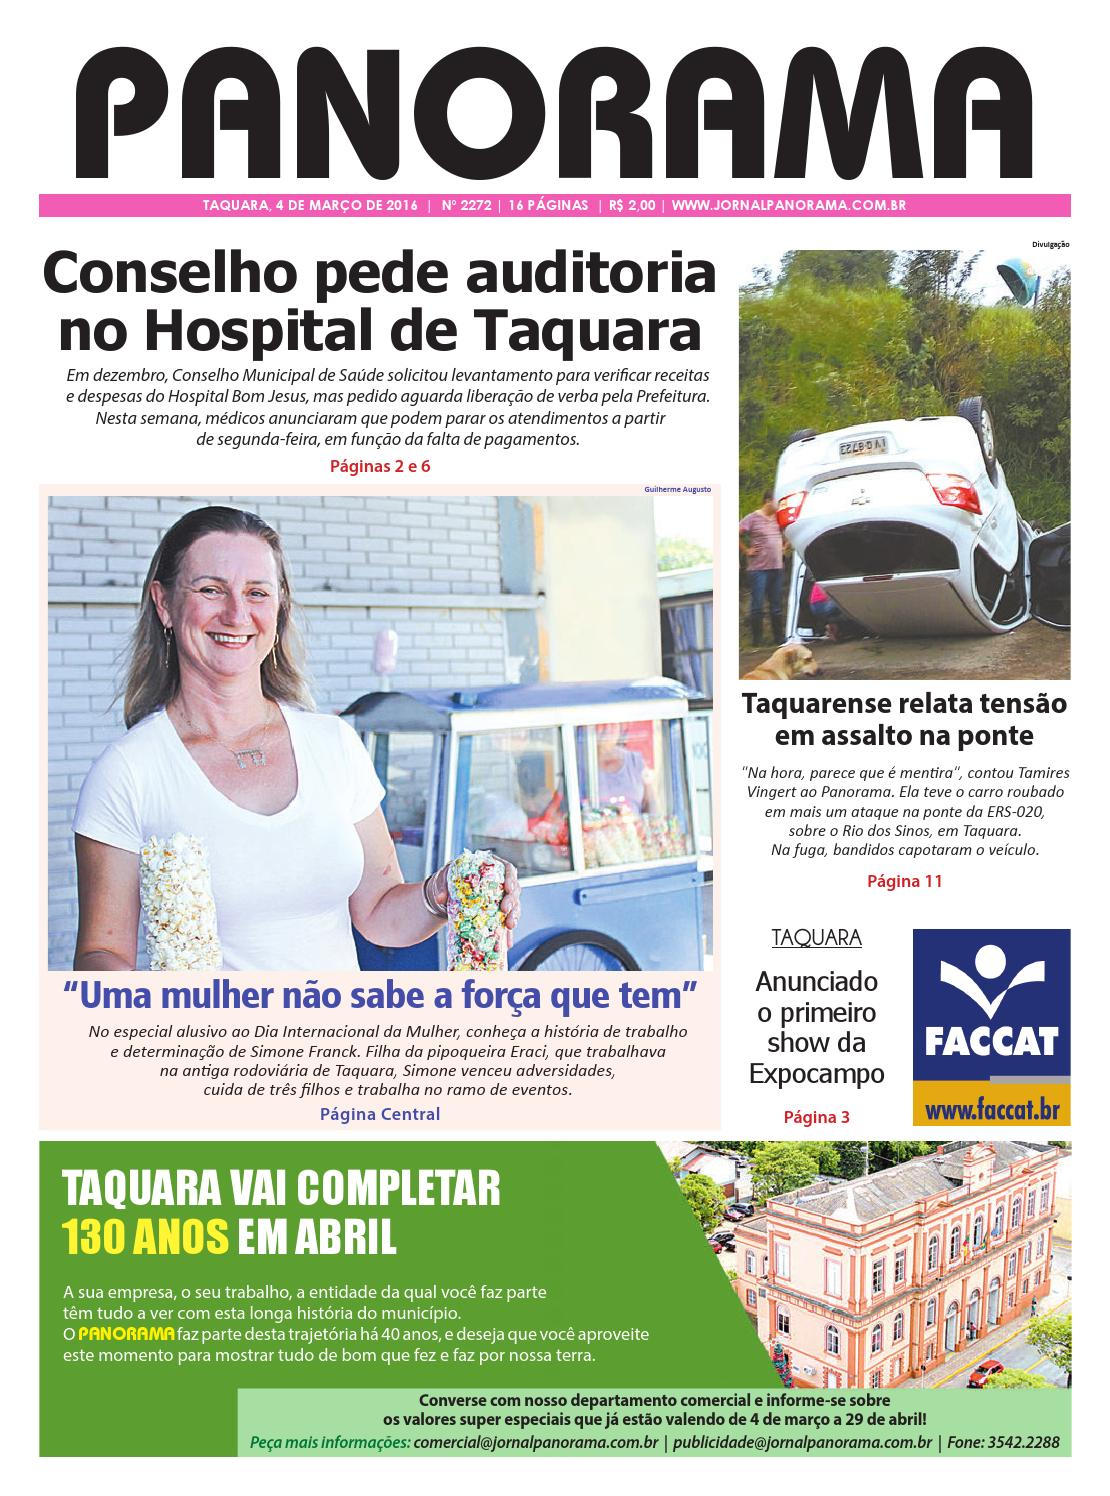 e95bab159de 2272 by Jornal Panorama - issuu